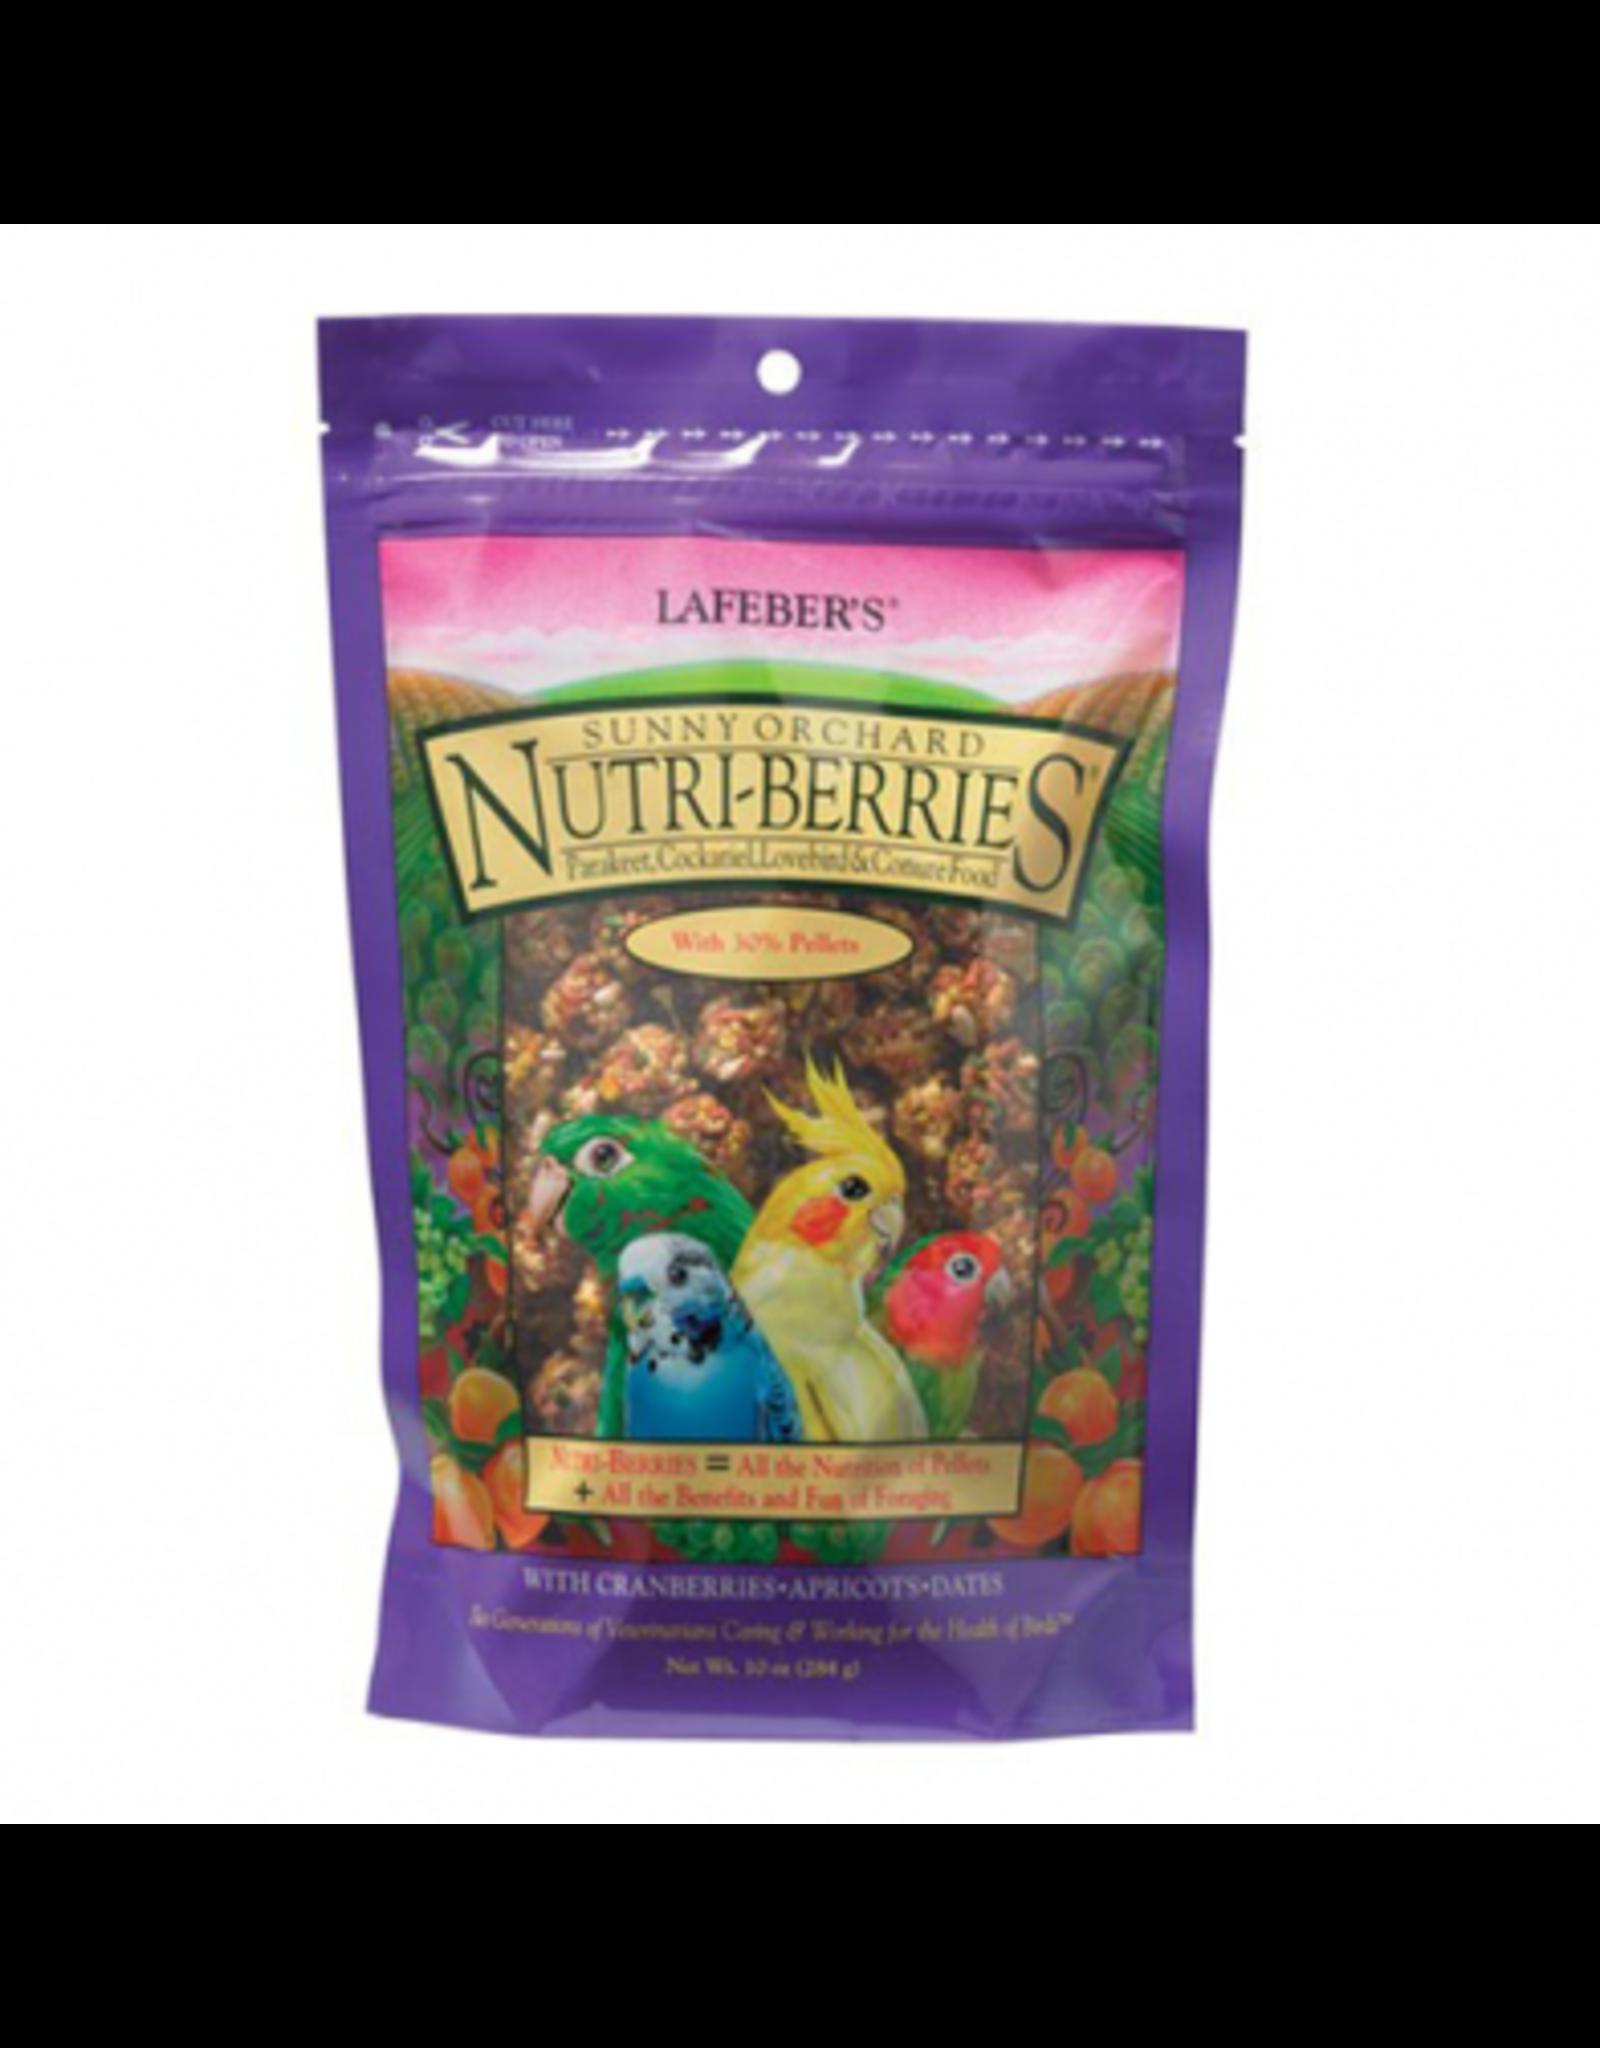 Lafebers Lafebers Nutri-Berries Cockatiel 284g